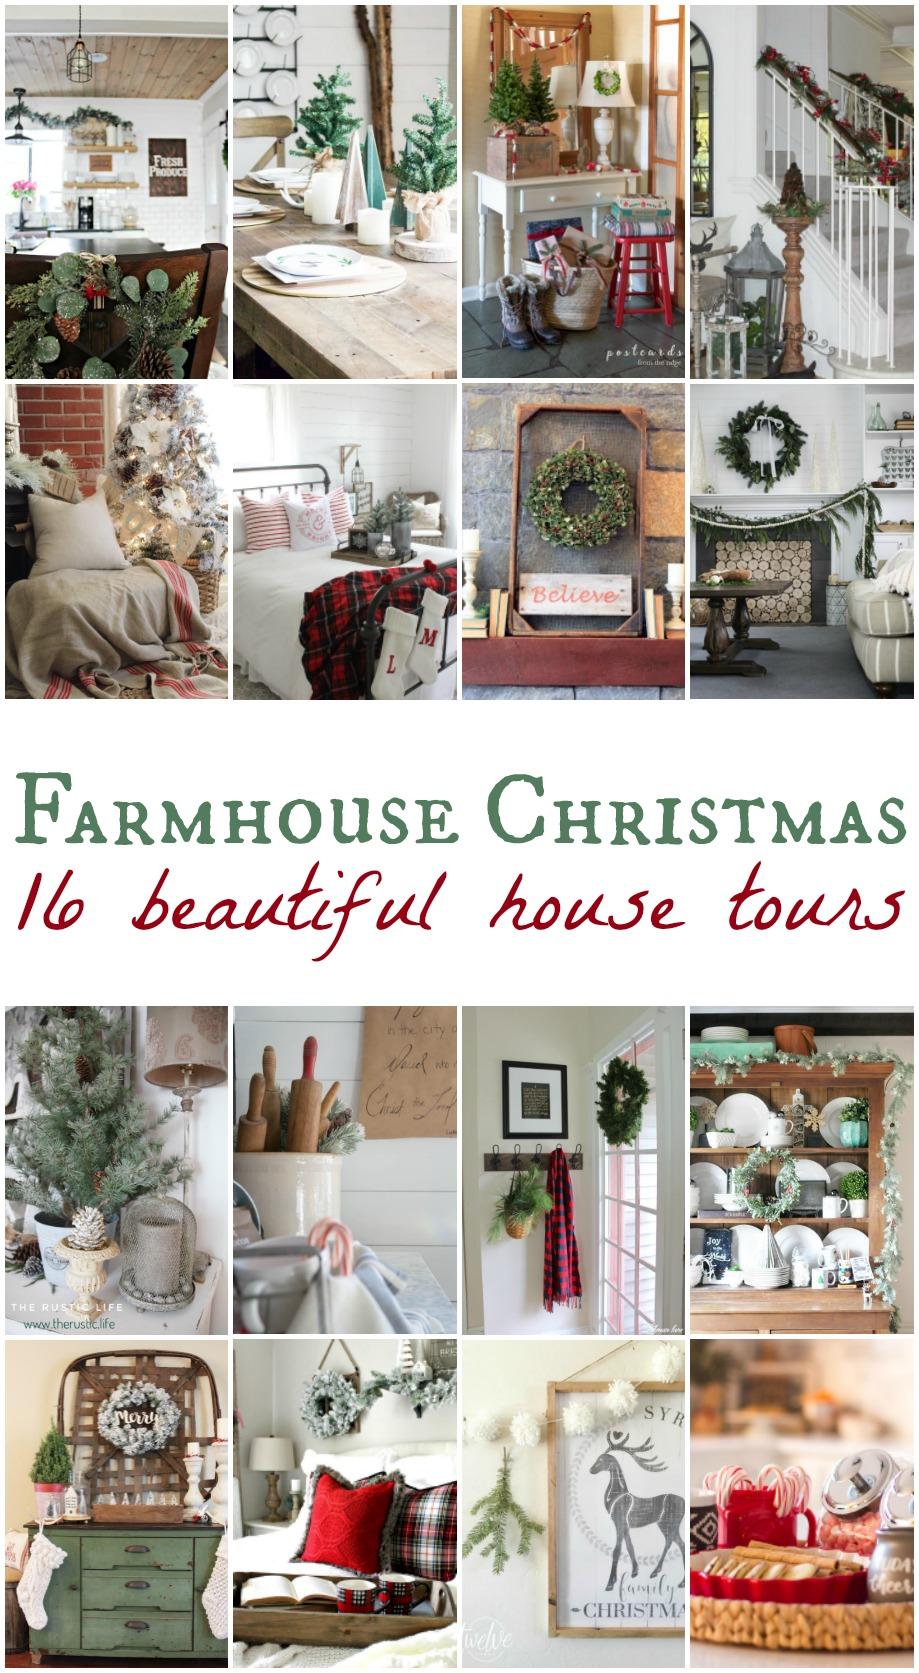 farmhouse-christmas-house-tours